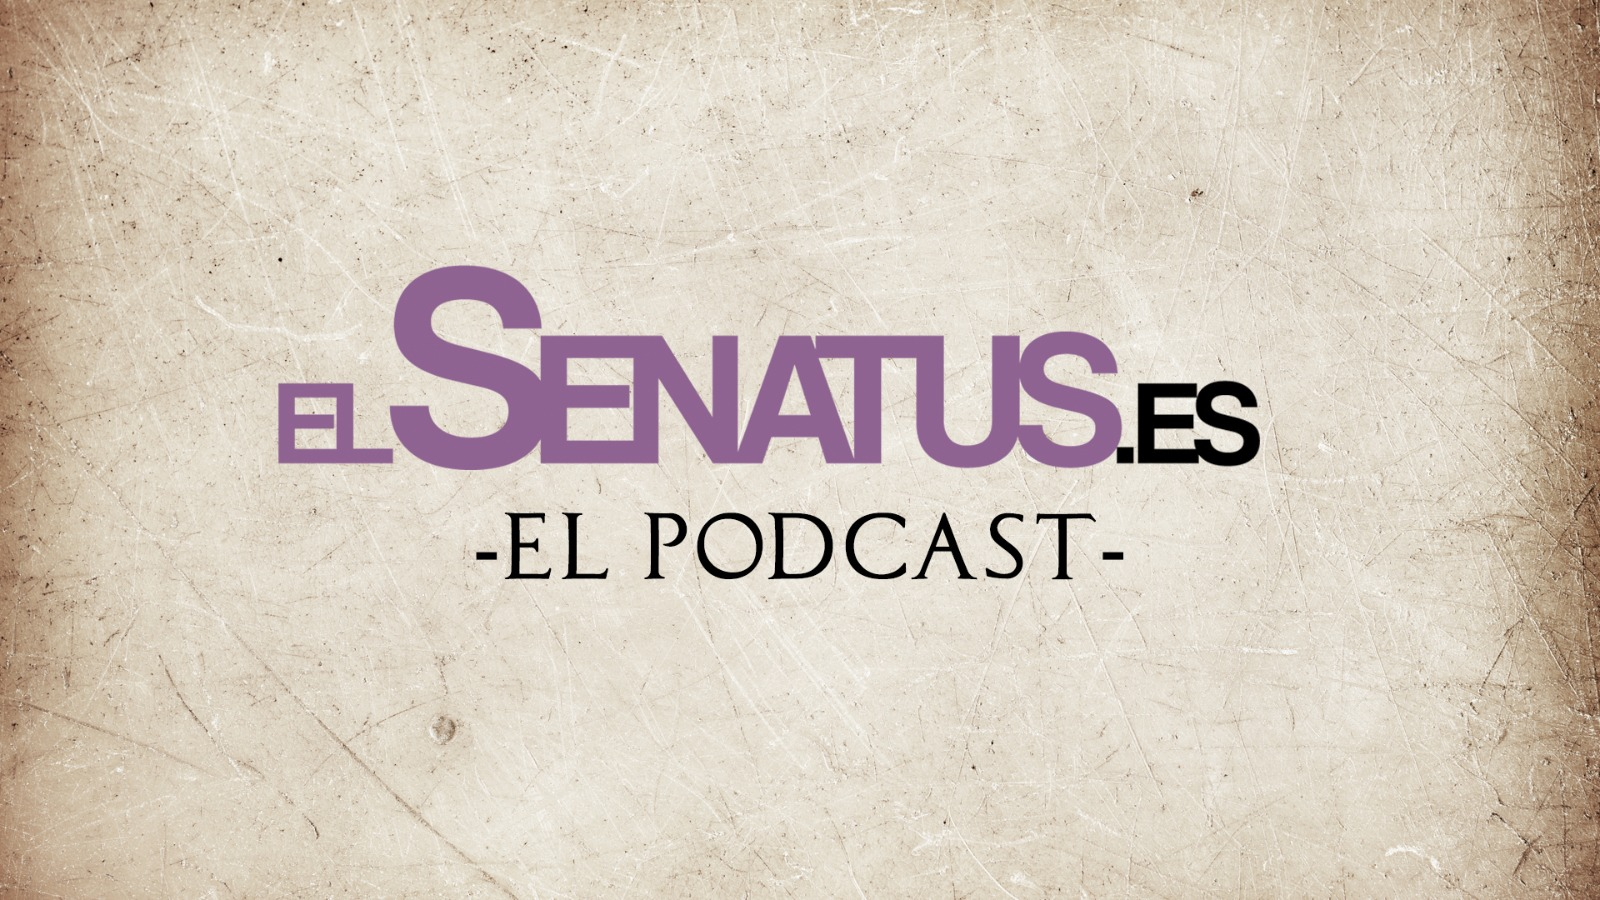 EL SENATUS: Capítulo 9